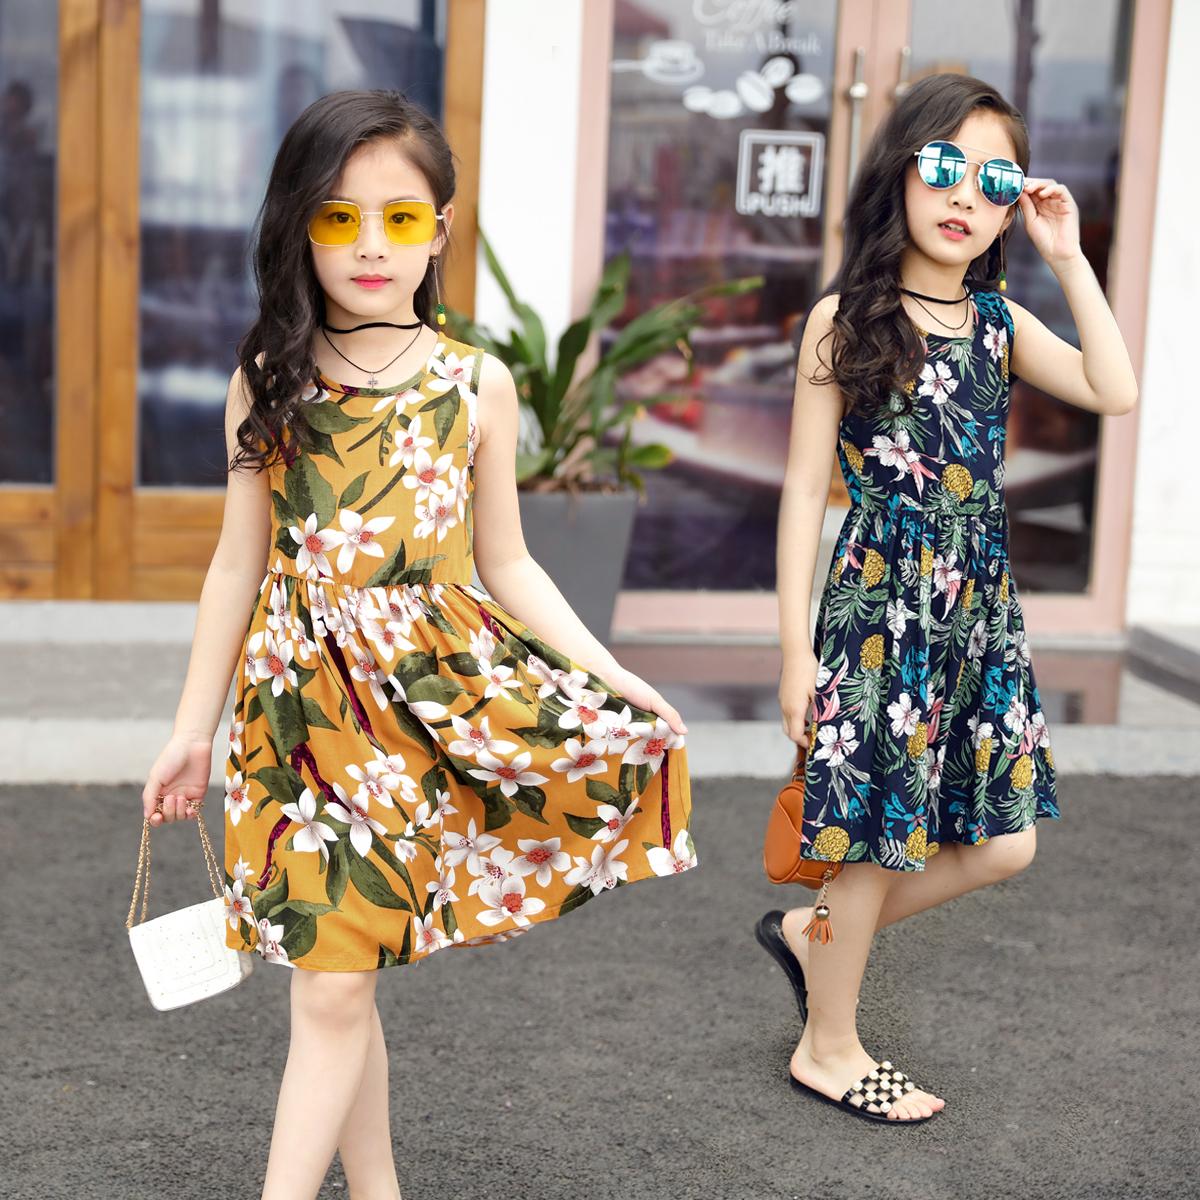 女童纯棉连衣裙中小童女孩人造棉夏天棉绸裙子童装薄款透气沙滩裙